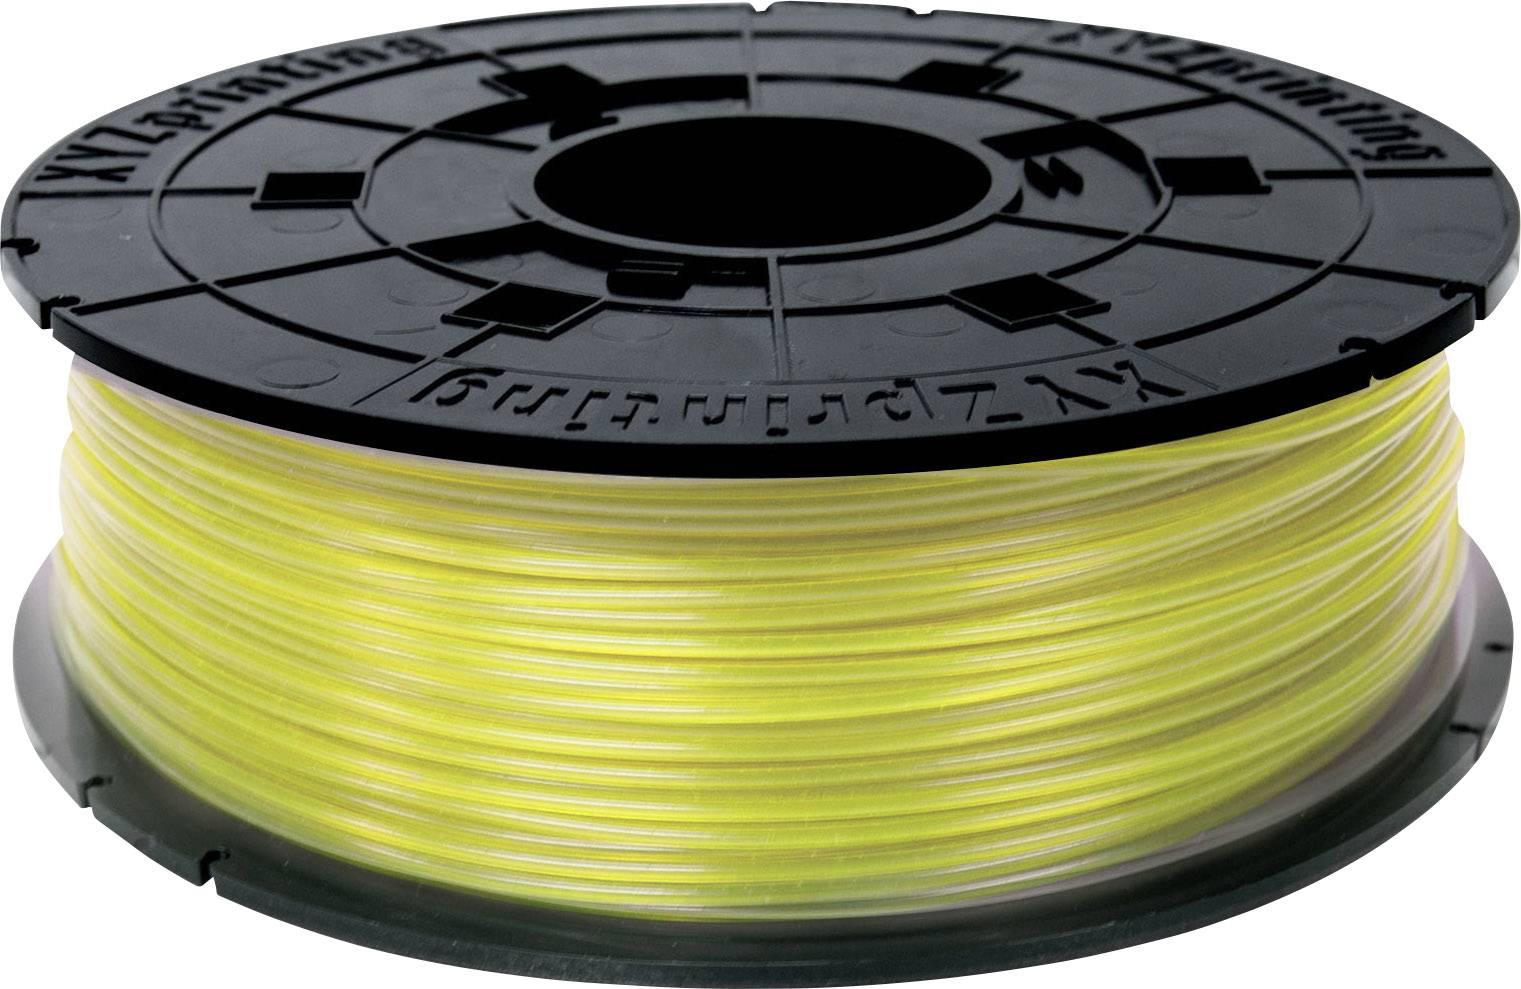 Vlákno pro 3D tiskárny XYZprinting RFPLCXEU03J, PLA plast, 1.75 mm, 600 g, žlutá (jasná)